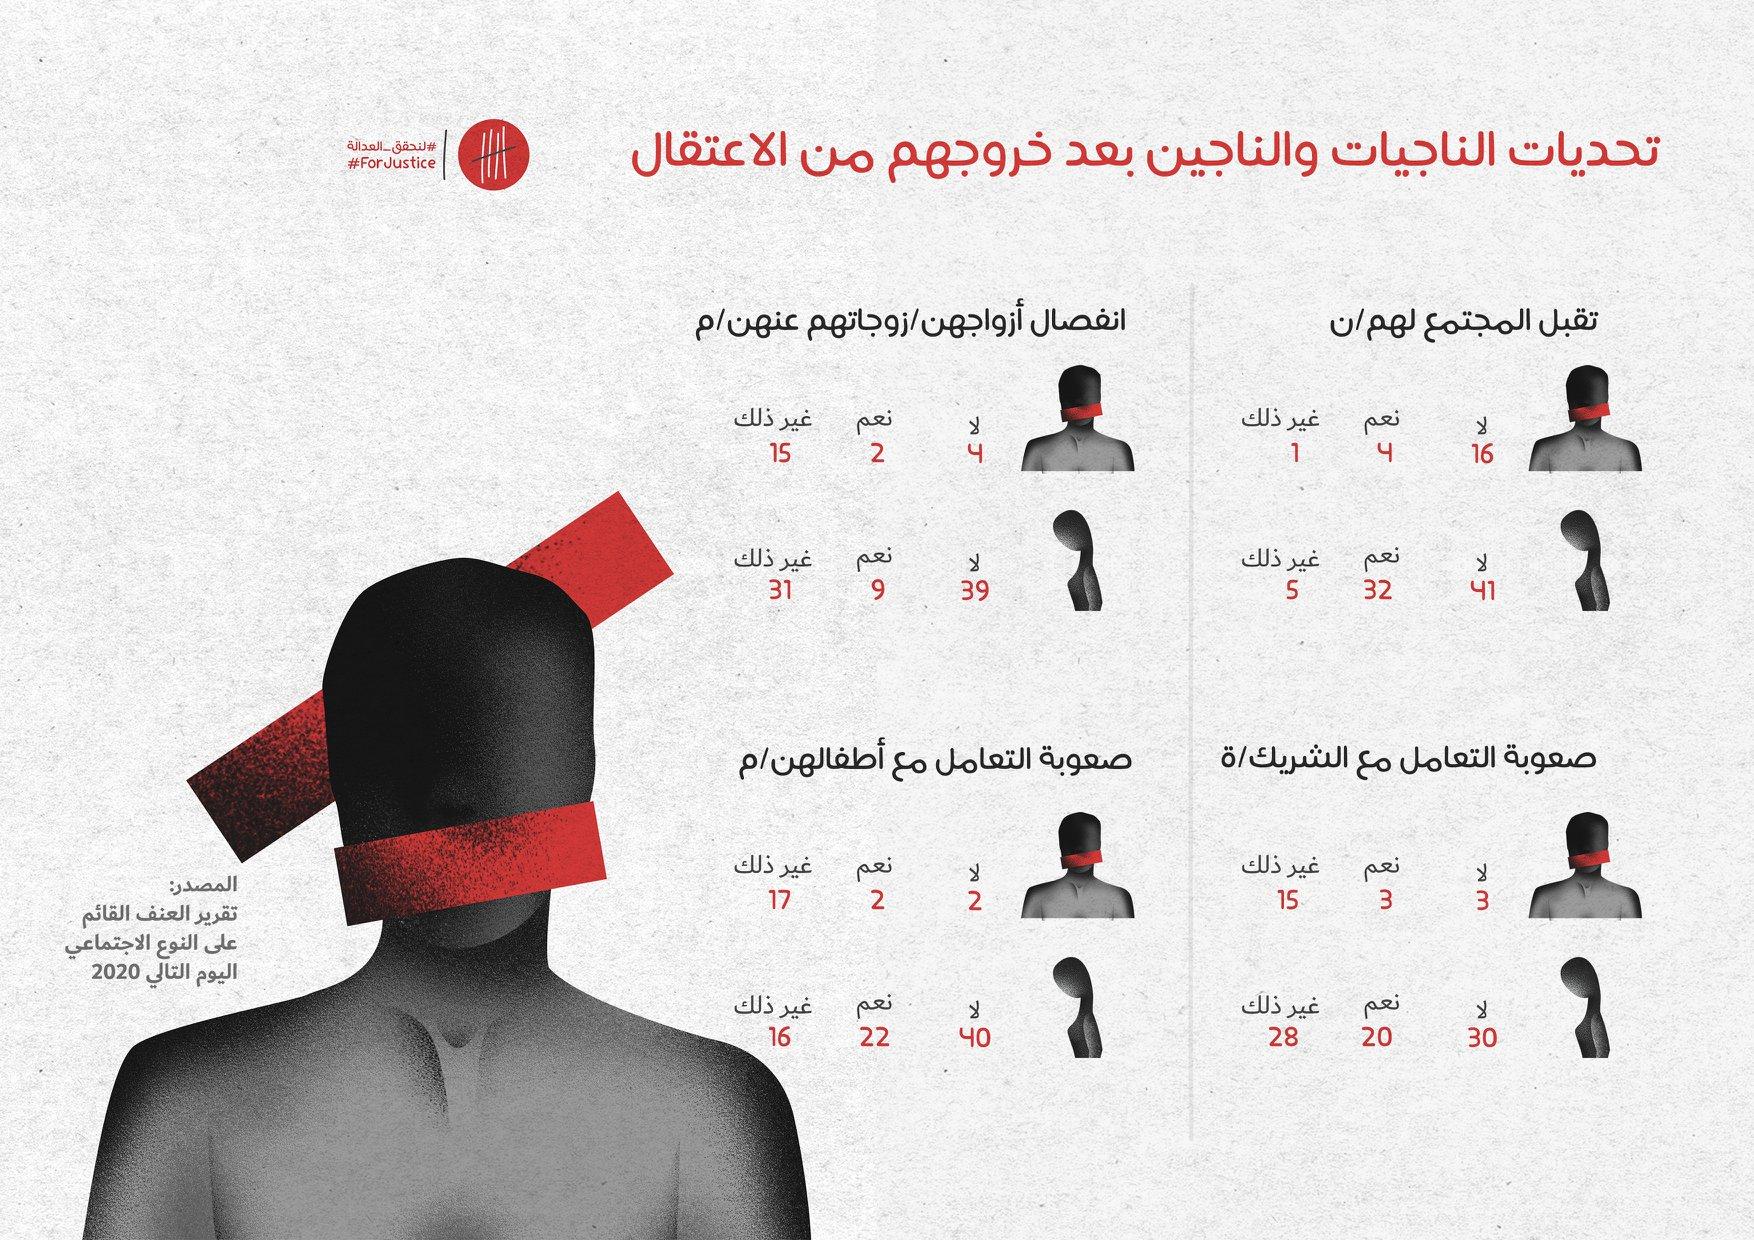 تحديات الناجيات والناجين من المعتقلات - المصدر: مؤسسة اليوم التالي.